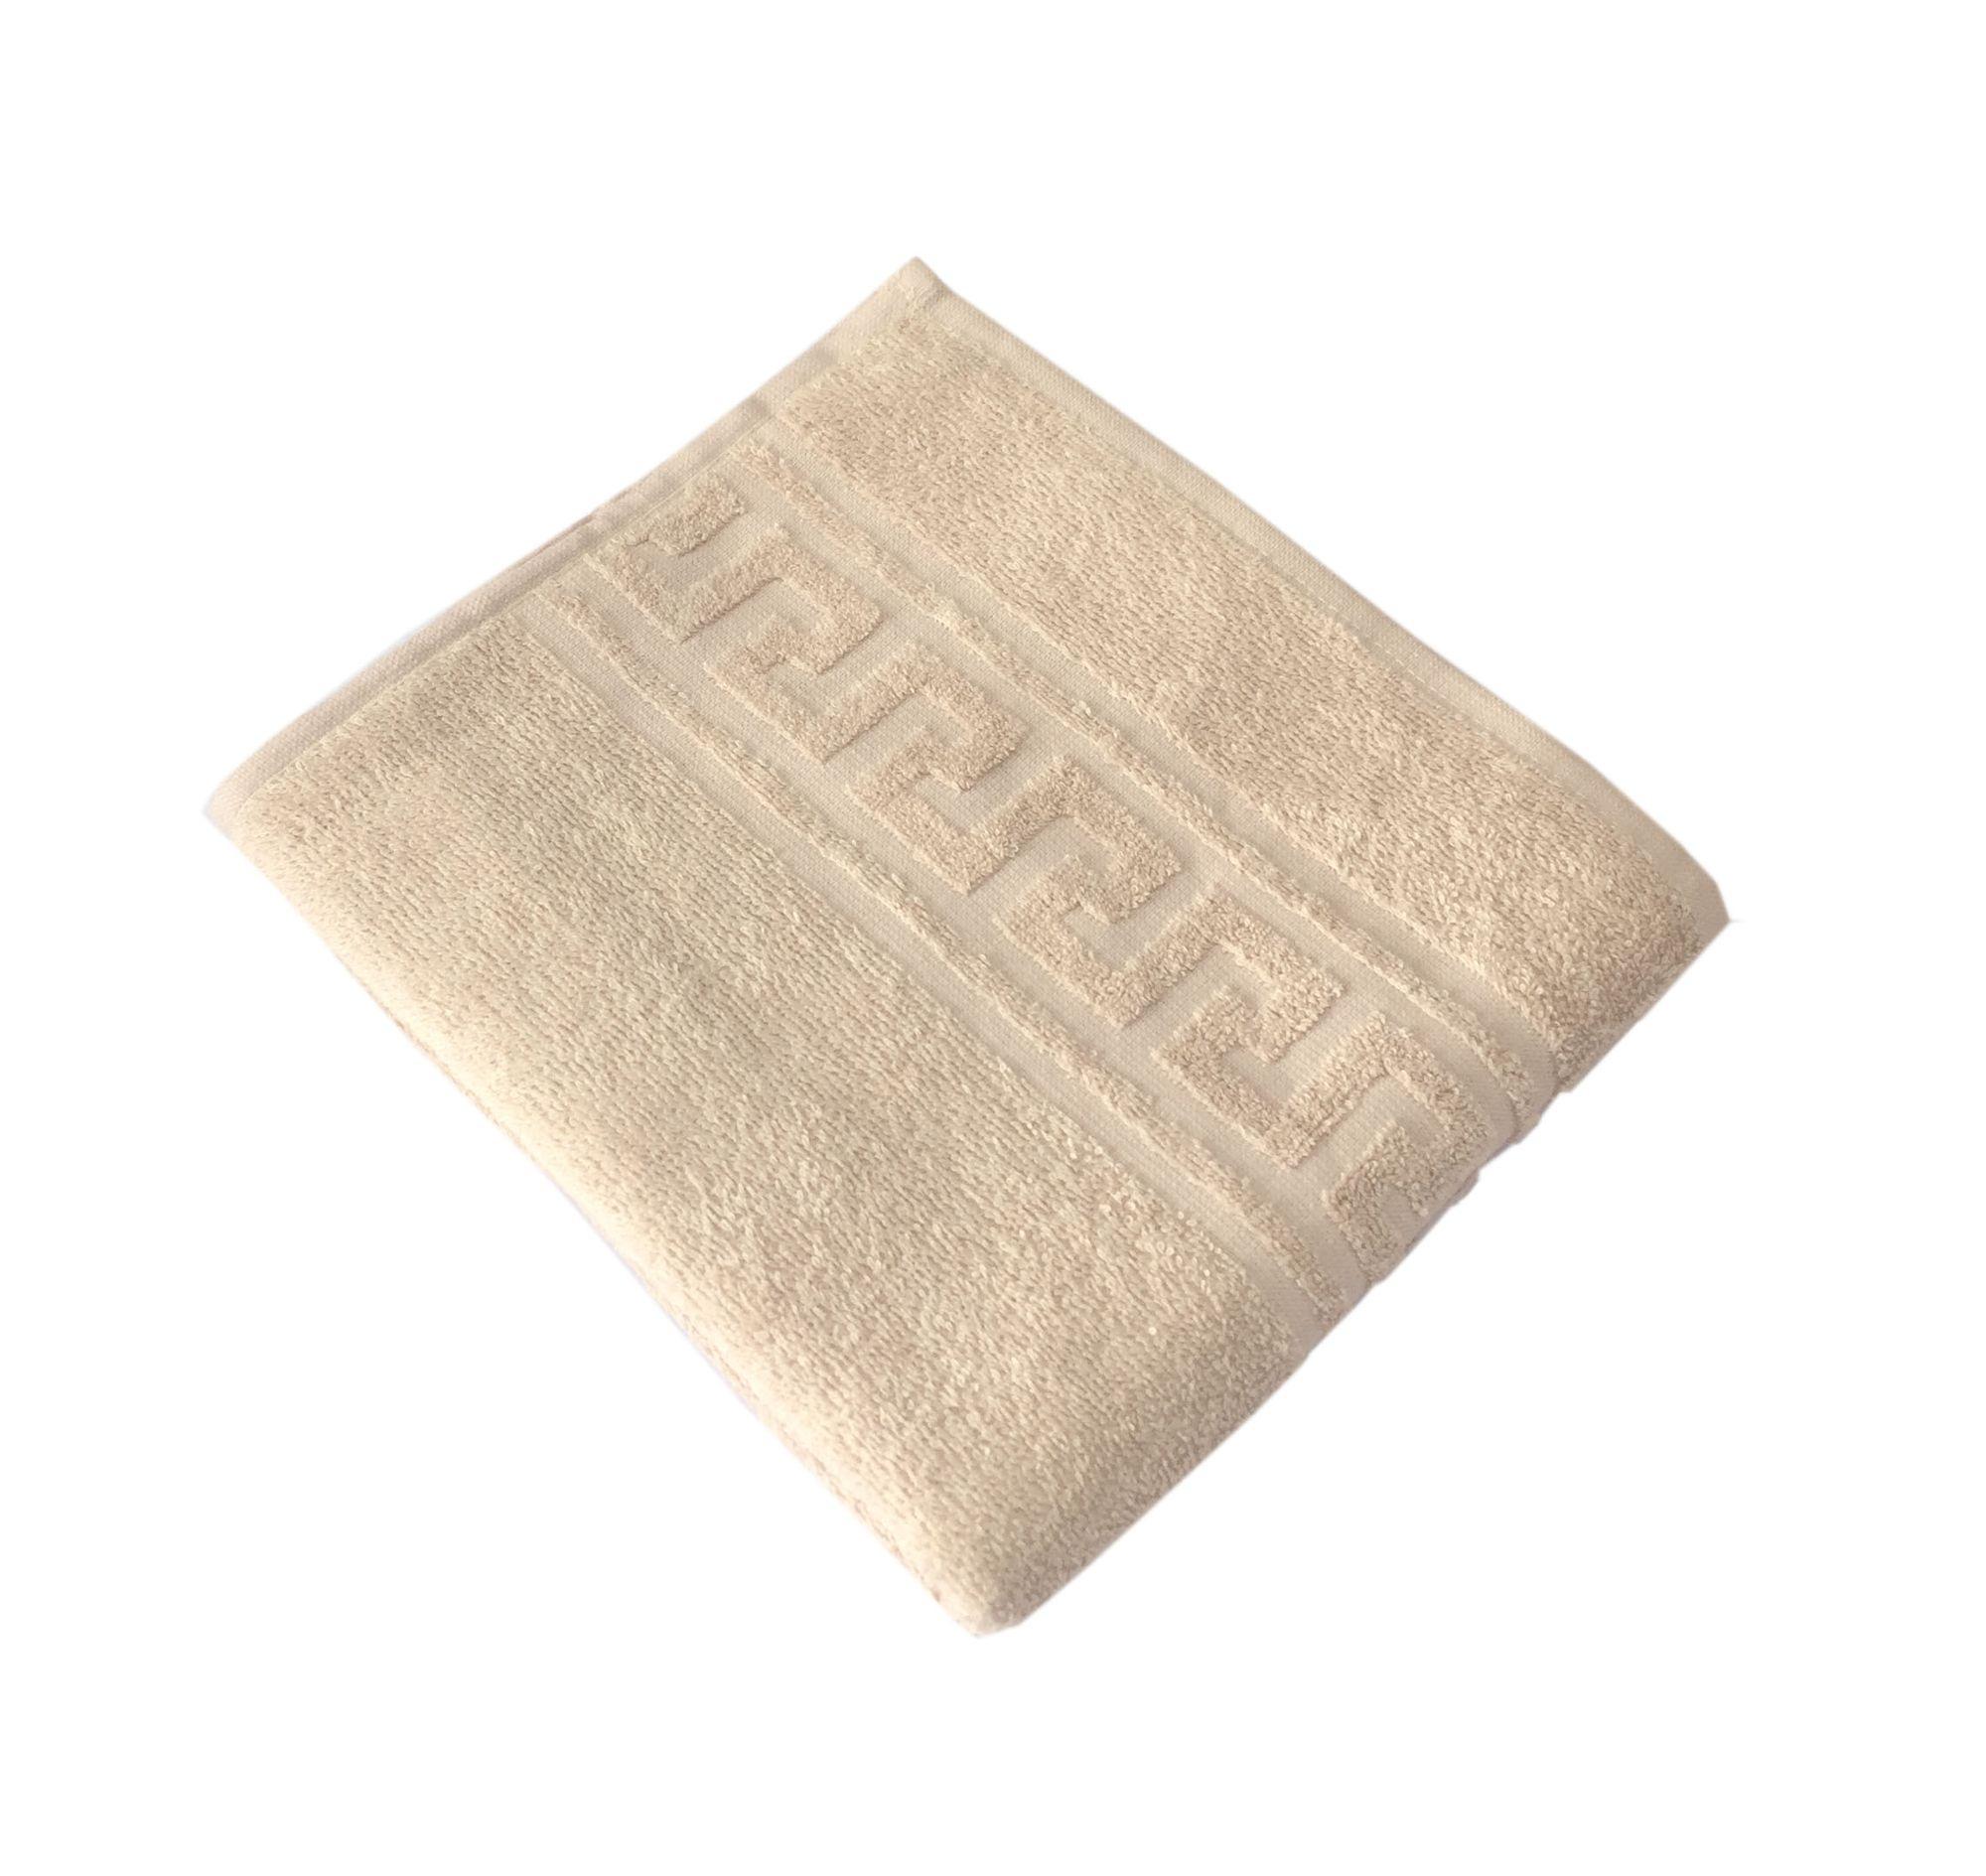 Махровое гладкокрашенное полотенце 50*90 см 380 г/м2 (Бежевый)